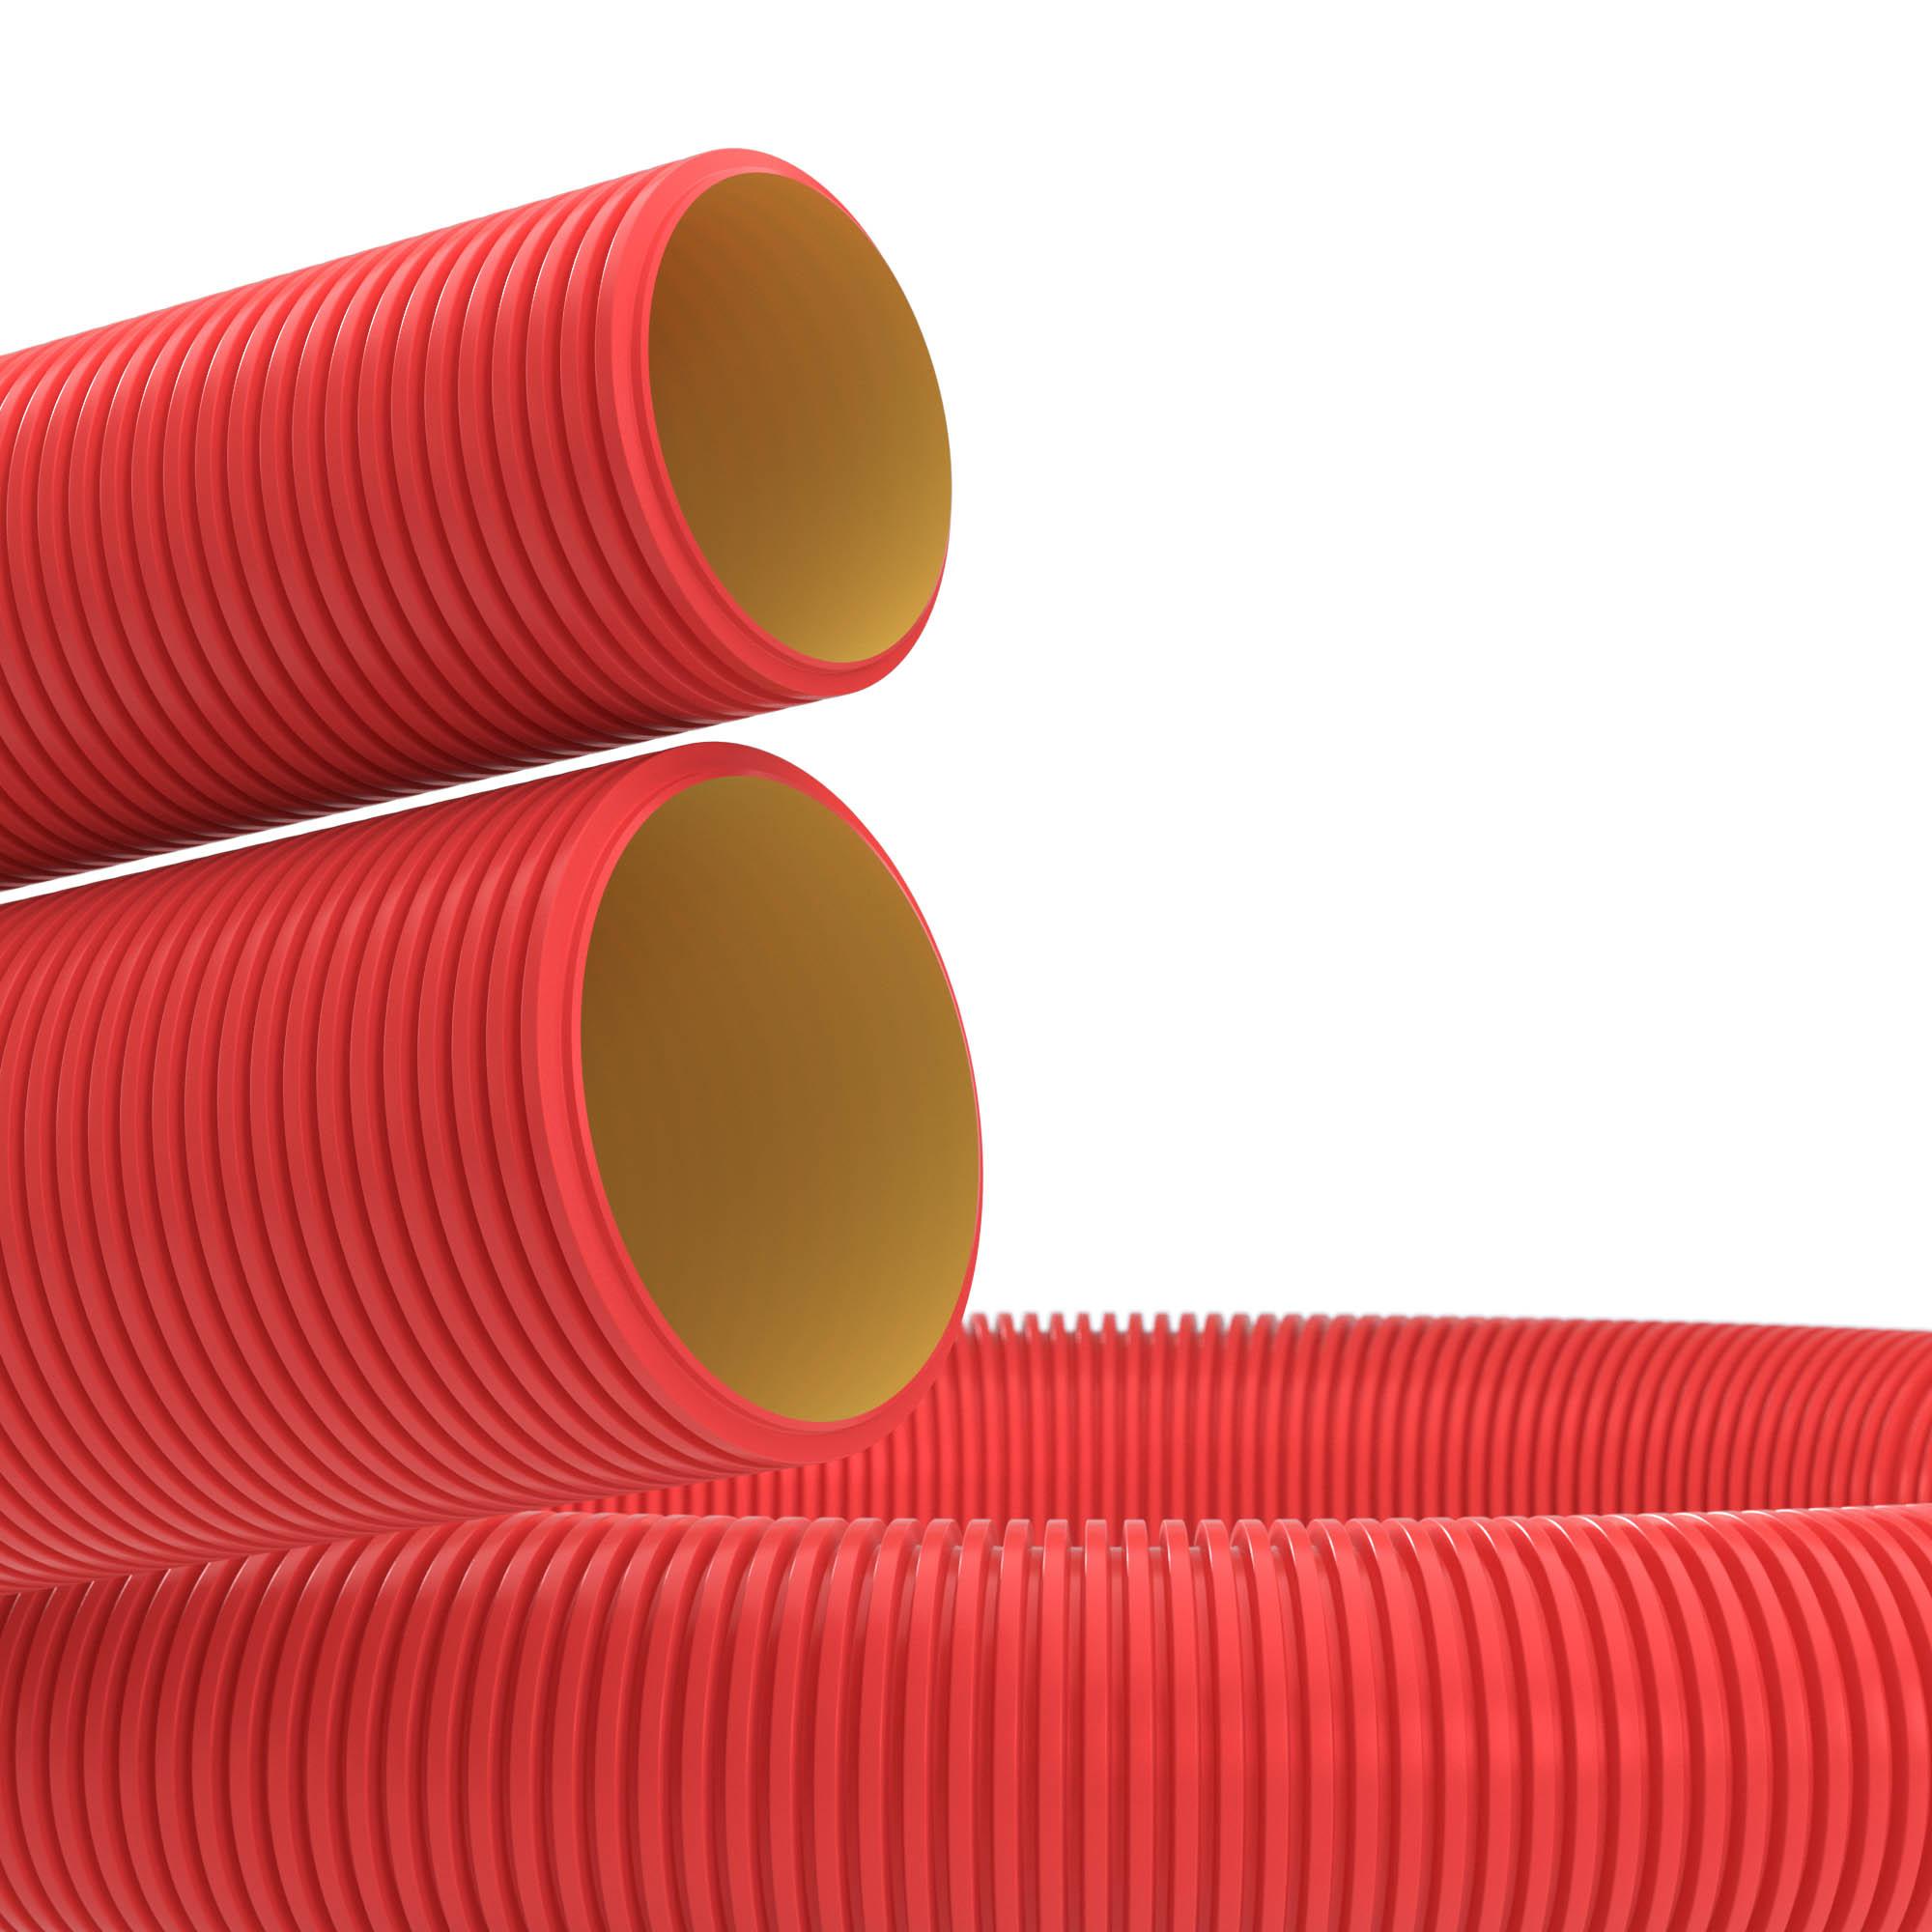 Двустенная труба ПНД гибкая для кабельной канализации d 140мм с протяжкой SN6 450Н красный